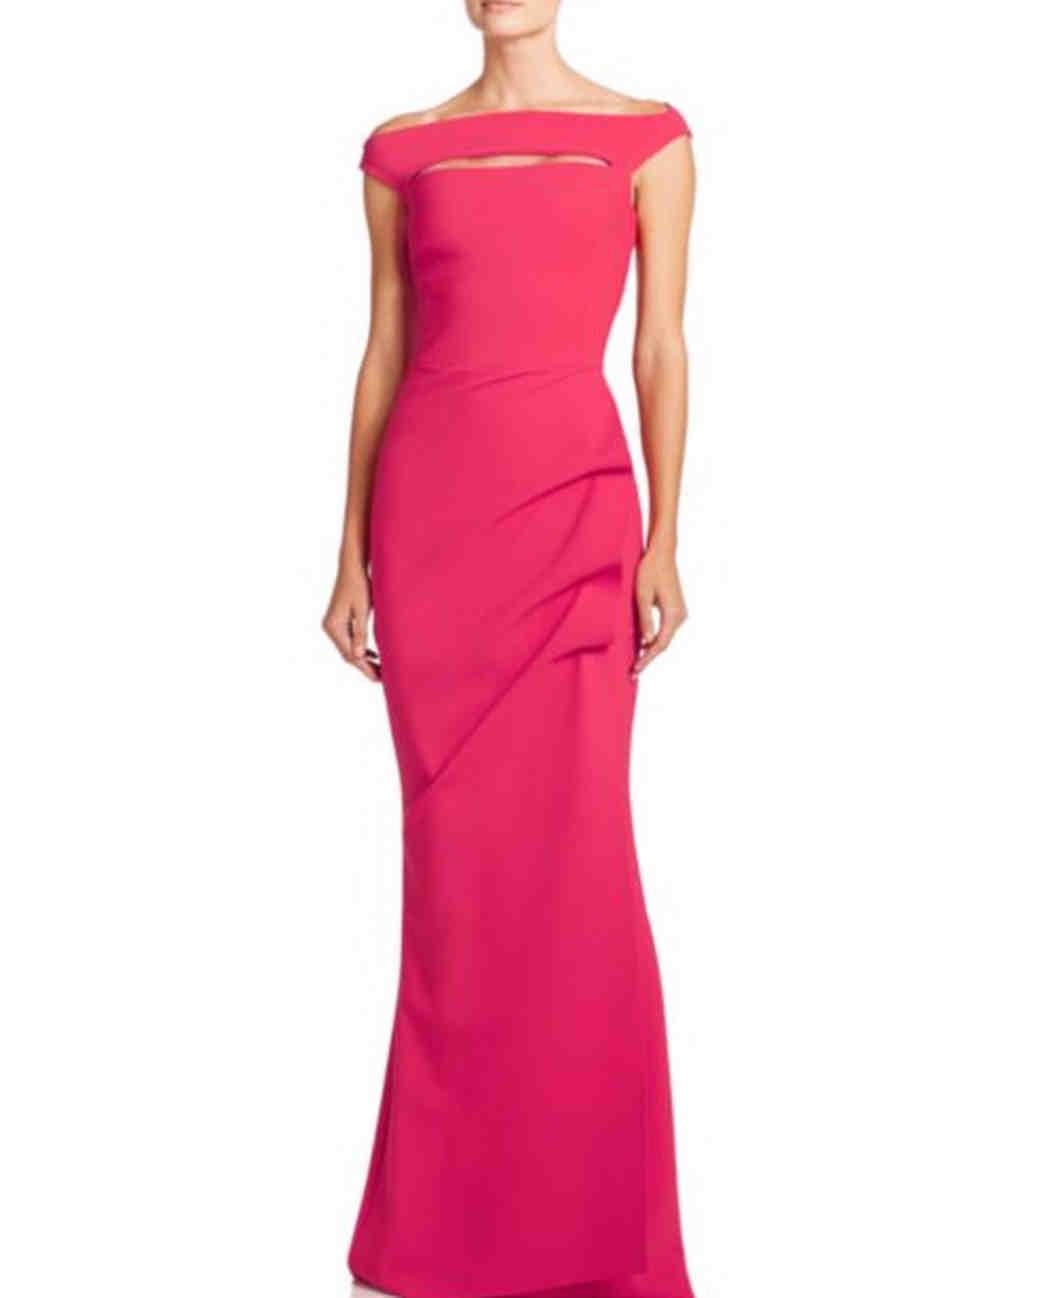 Neutral color cocktail dresses